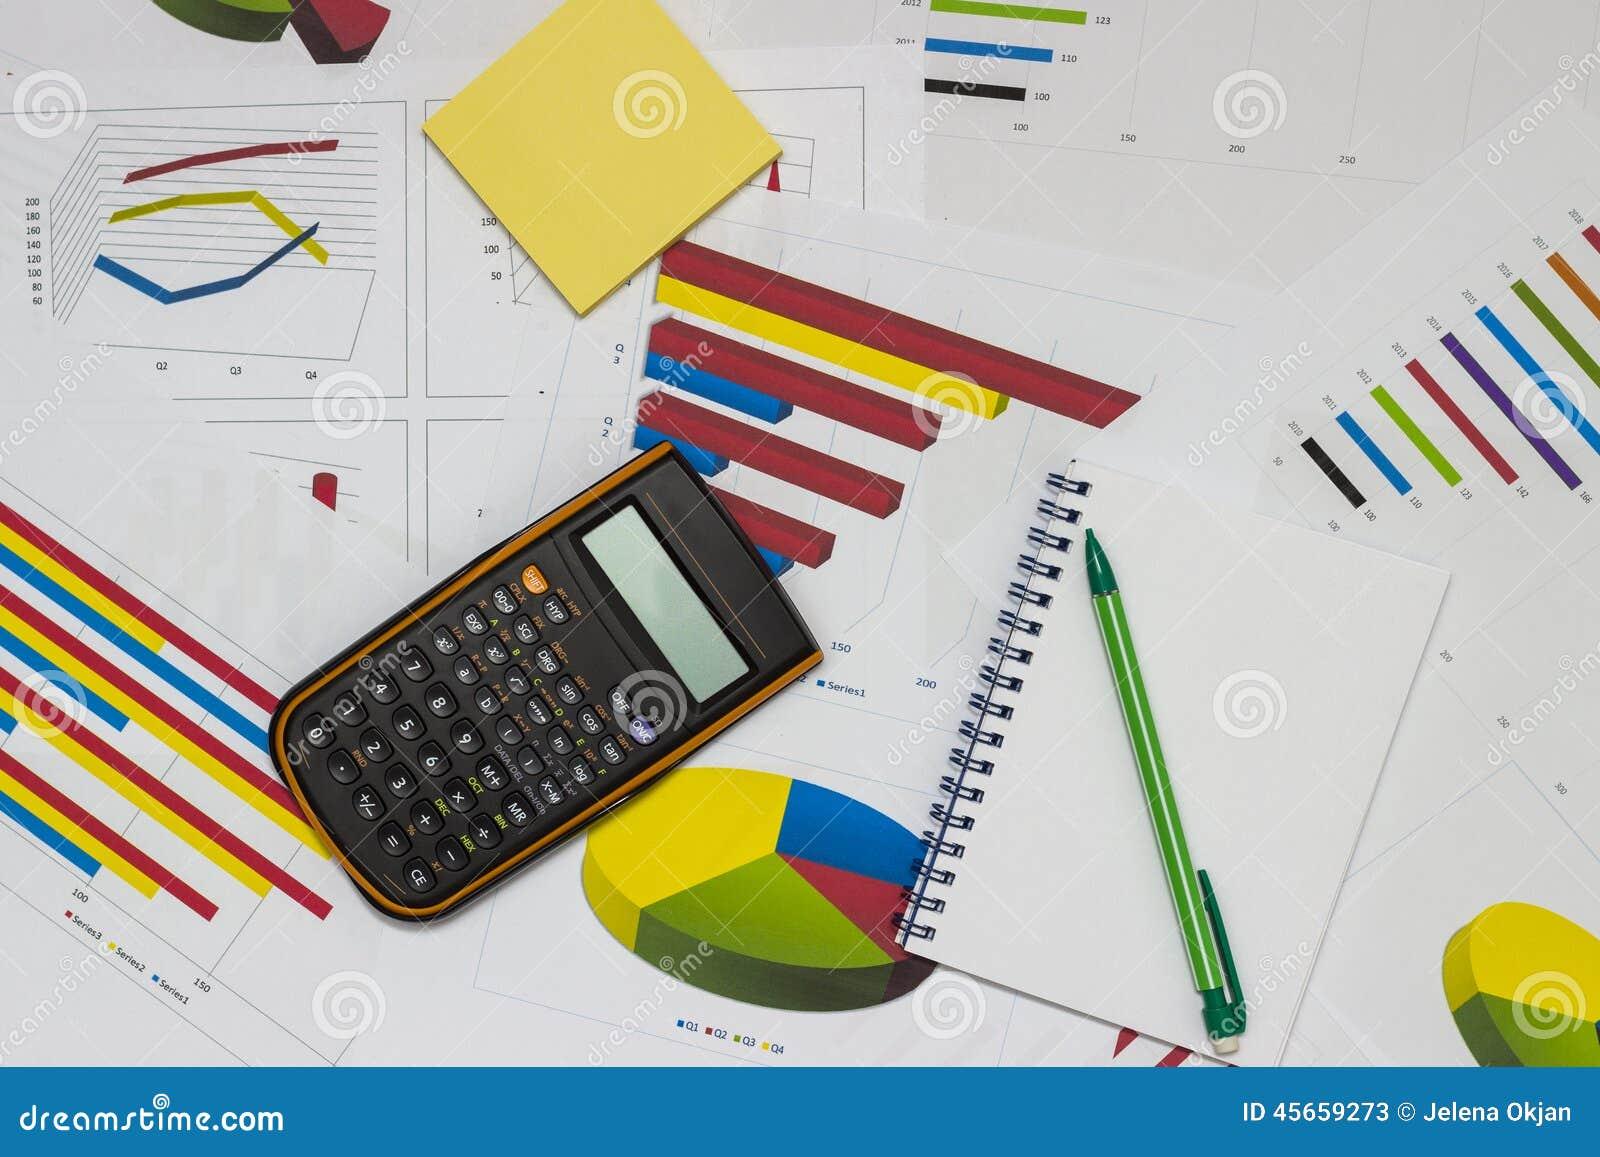 Analiza danych blisko palce papieru ołówkowej widok kobiety